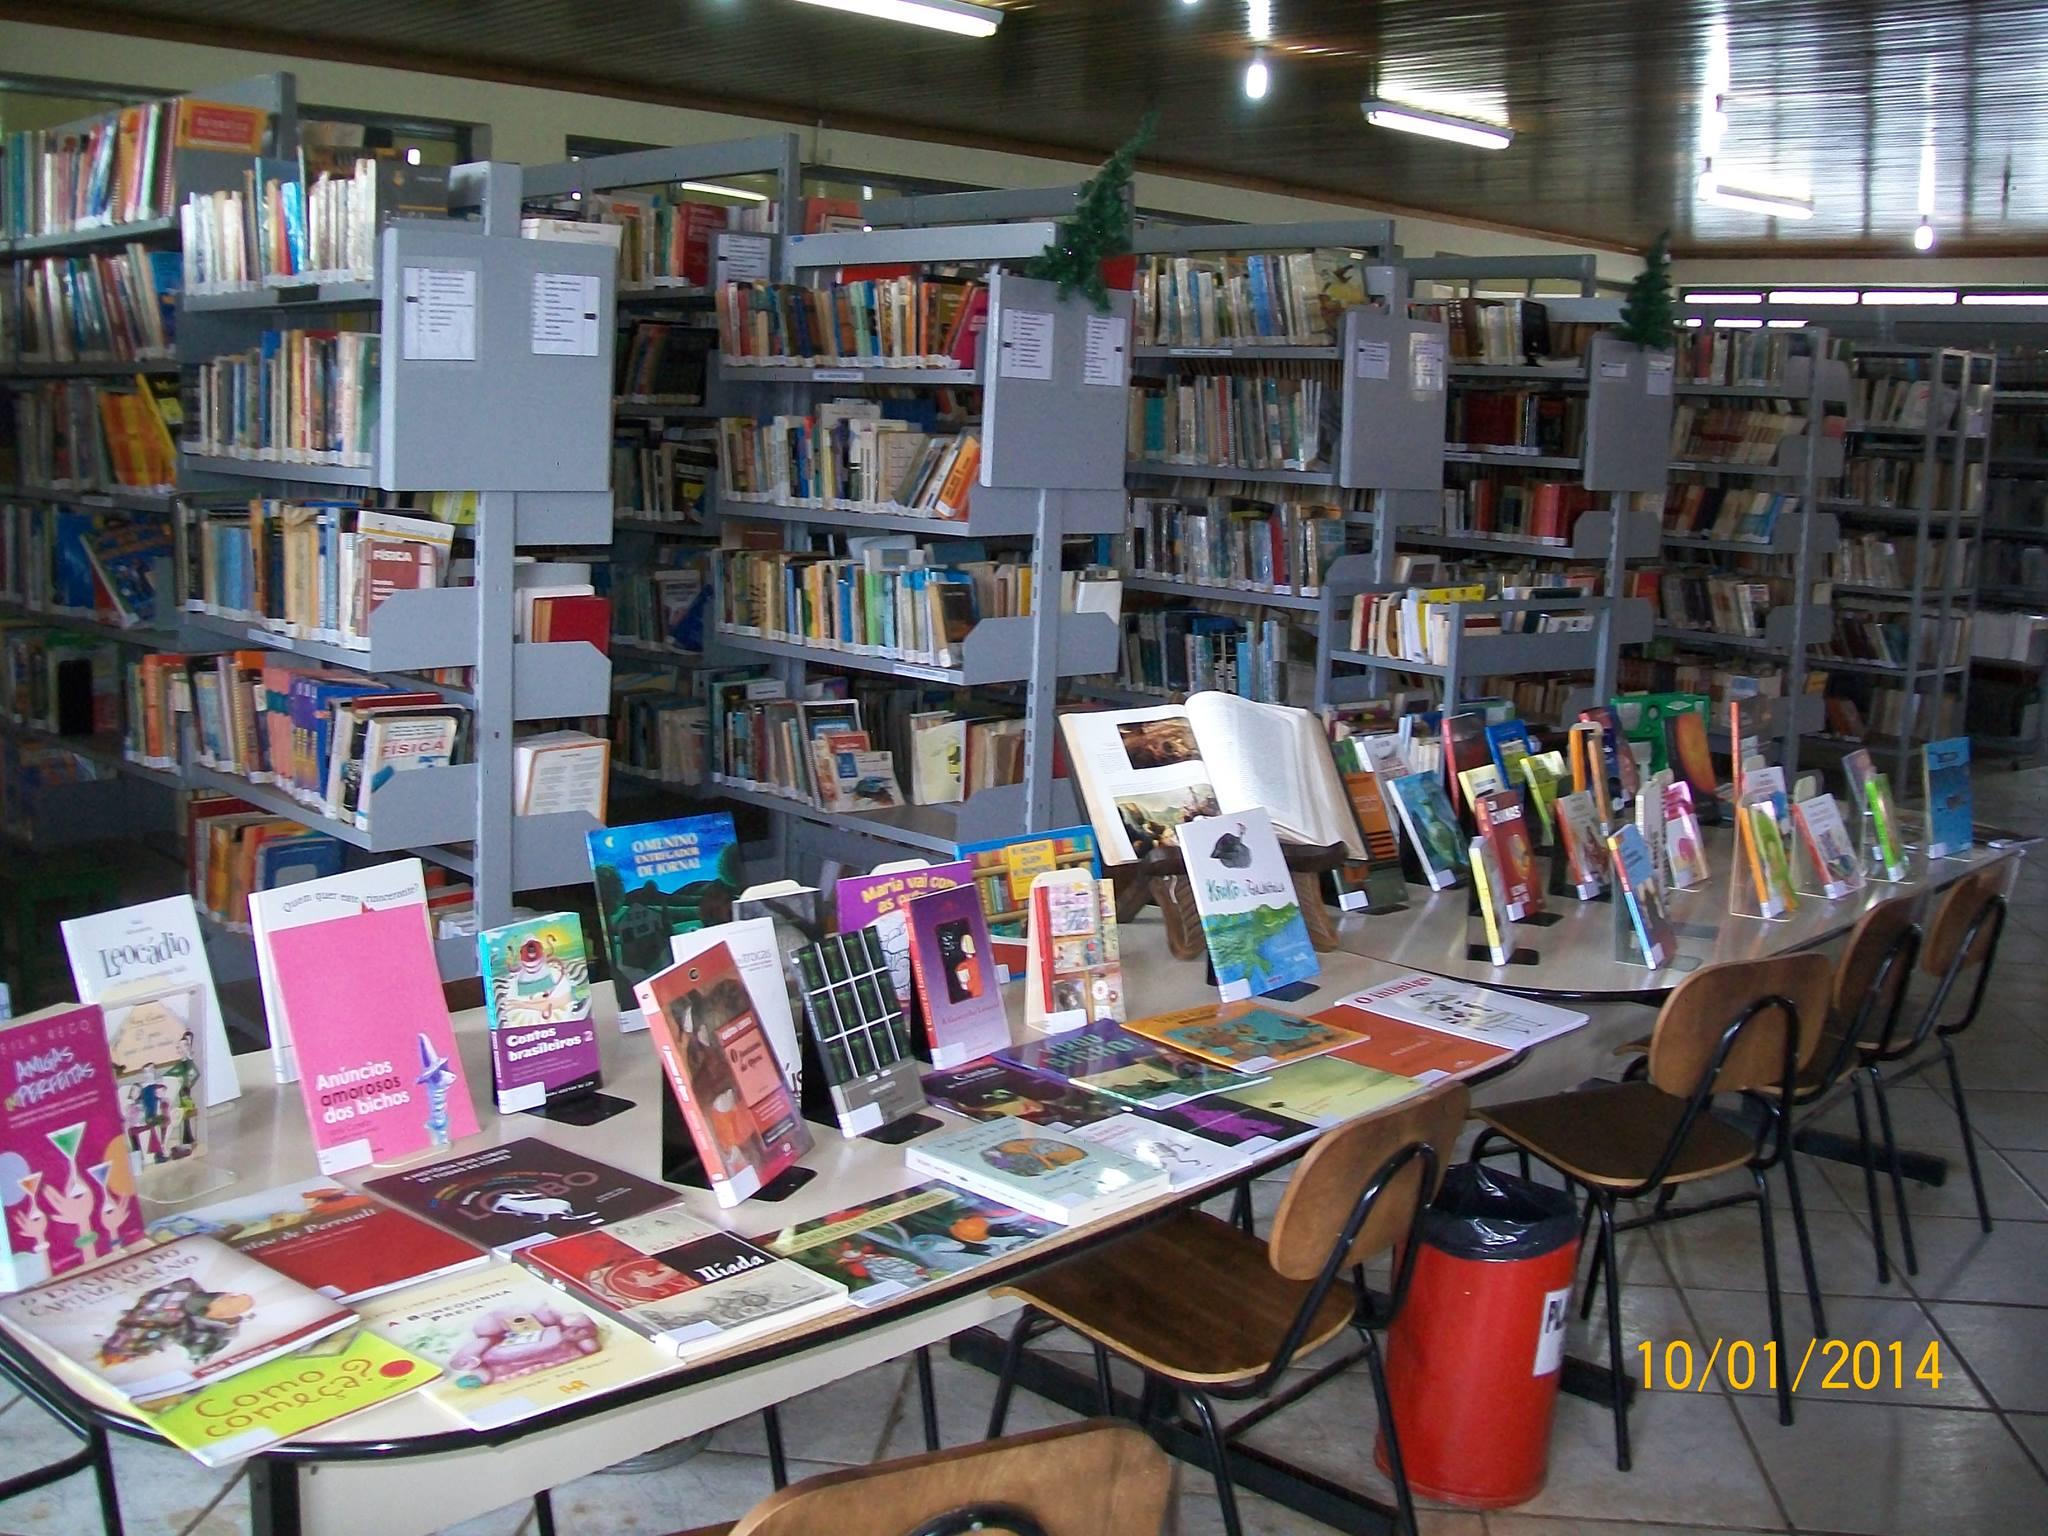 Parte do acervo da biblioteca (Foto: Divulgação)